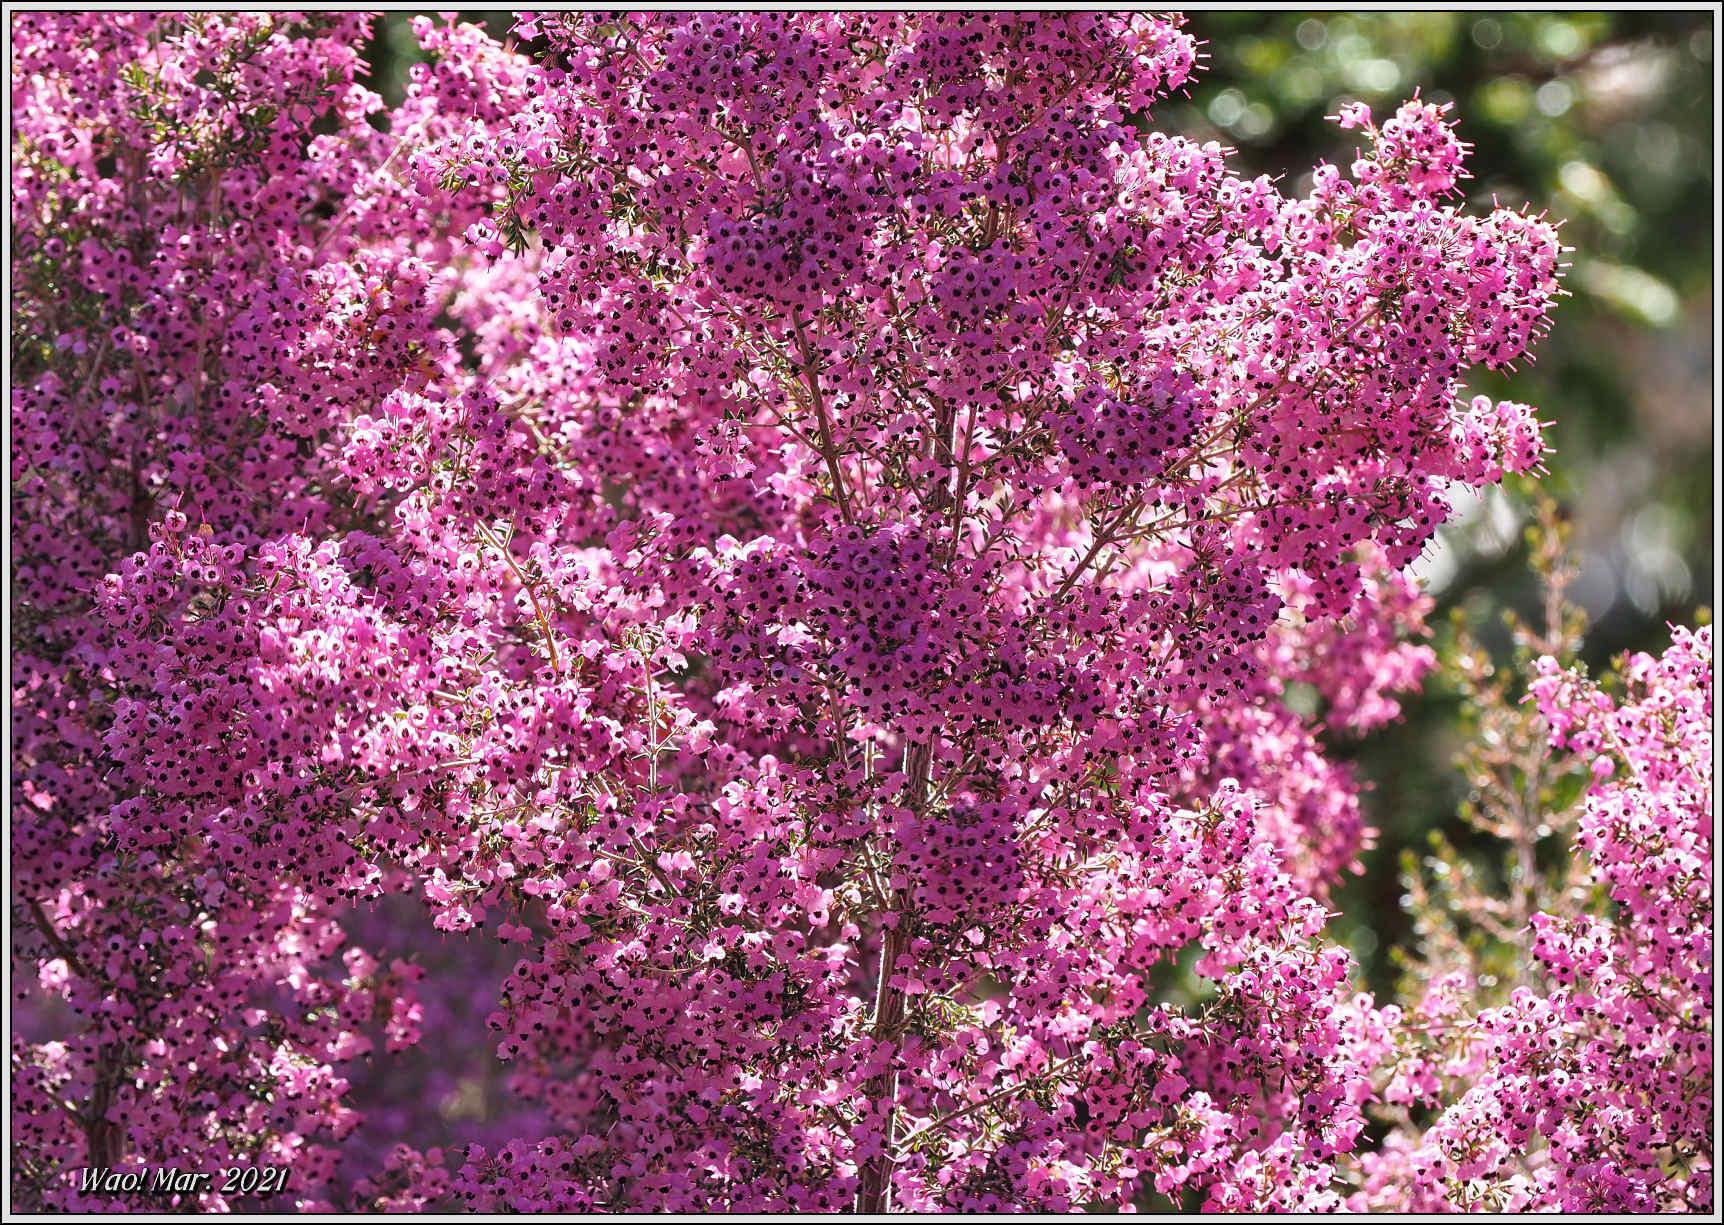 黄金色のサンシュユとピンクのジャノメエリカ_c0198669_18050788.jpg